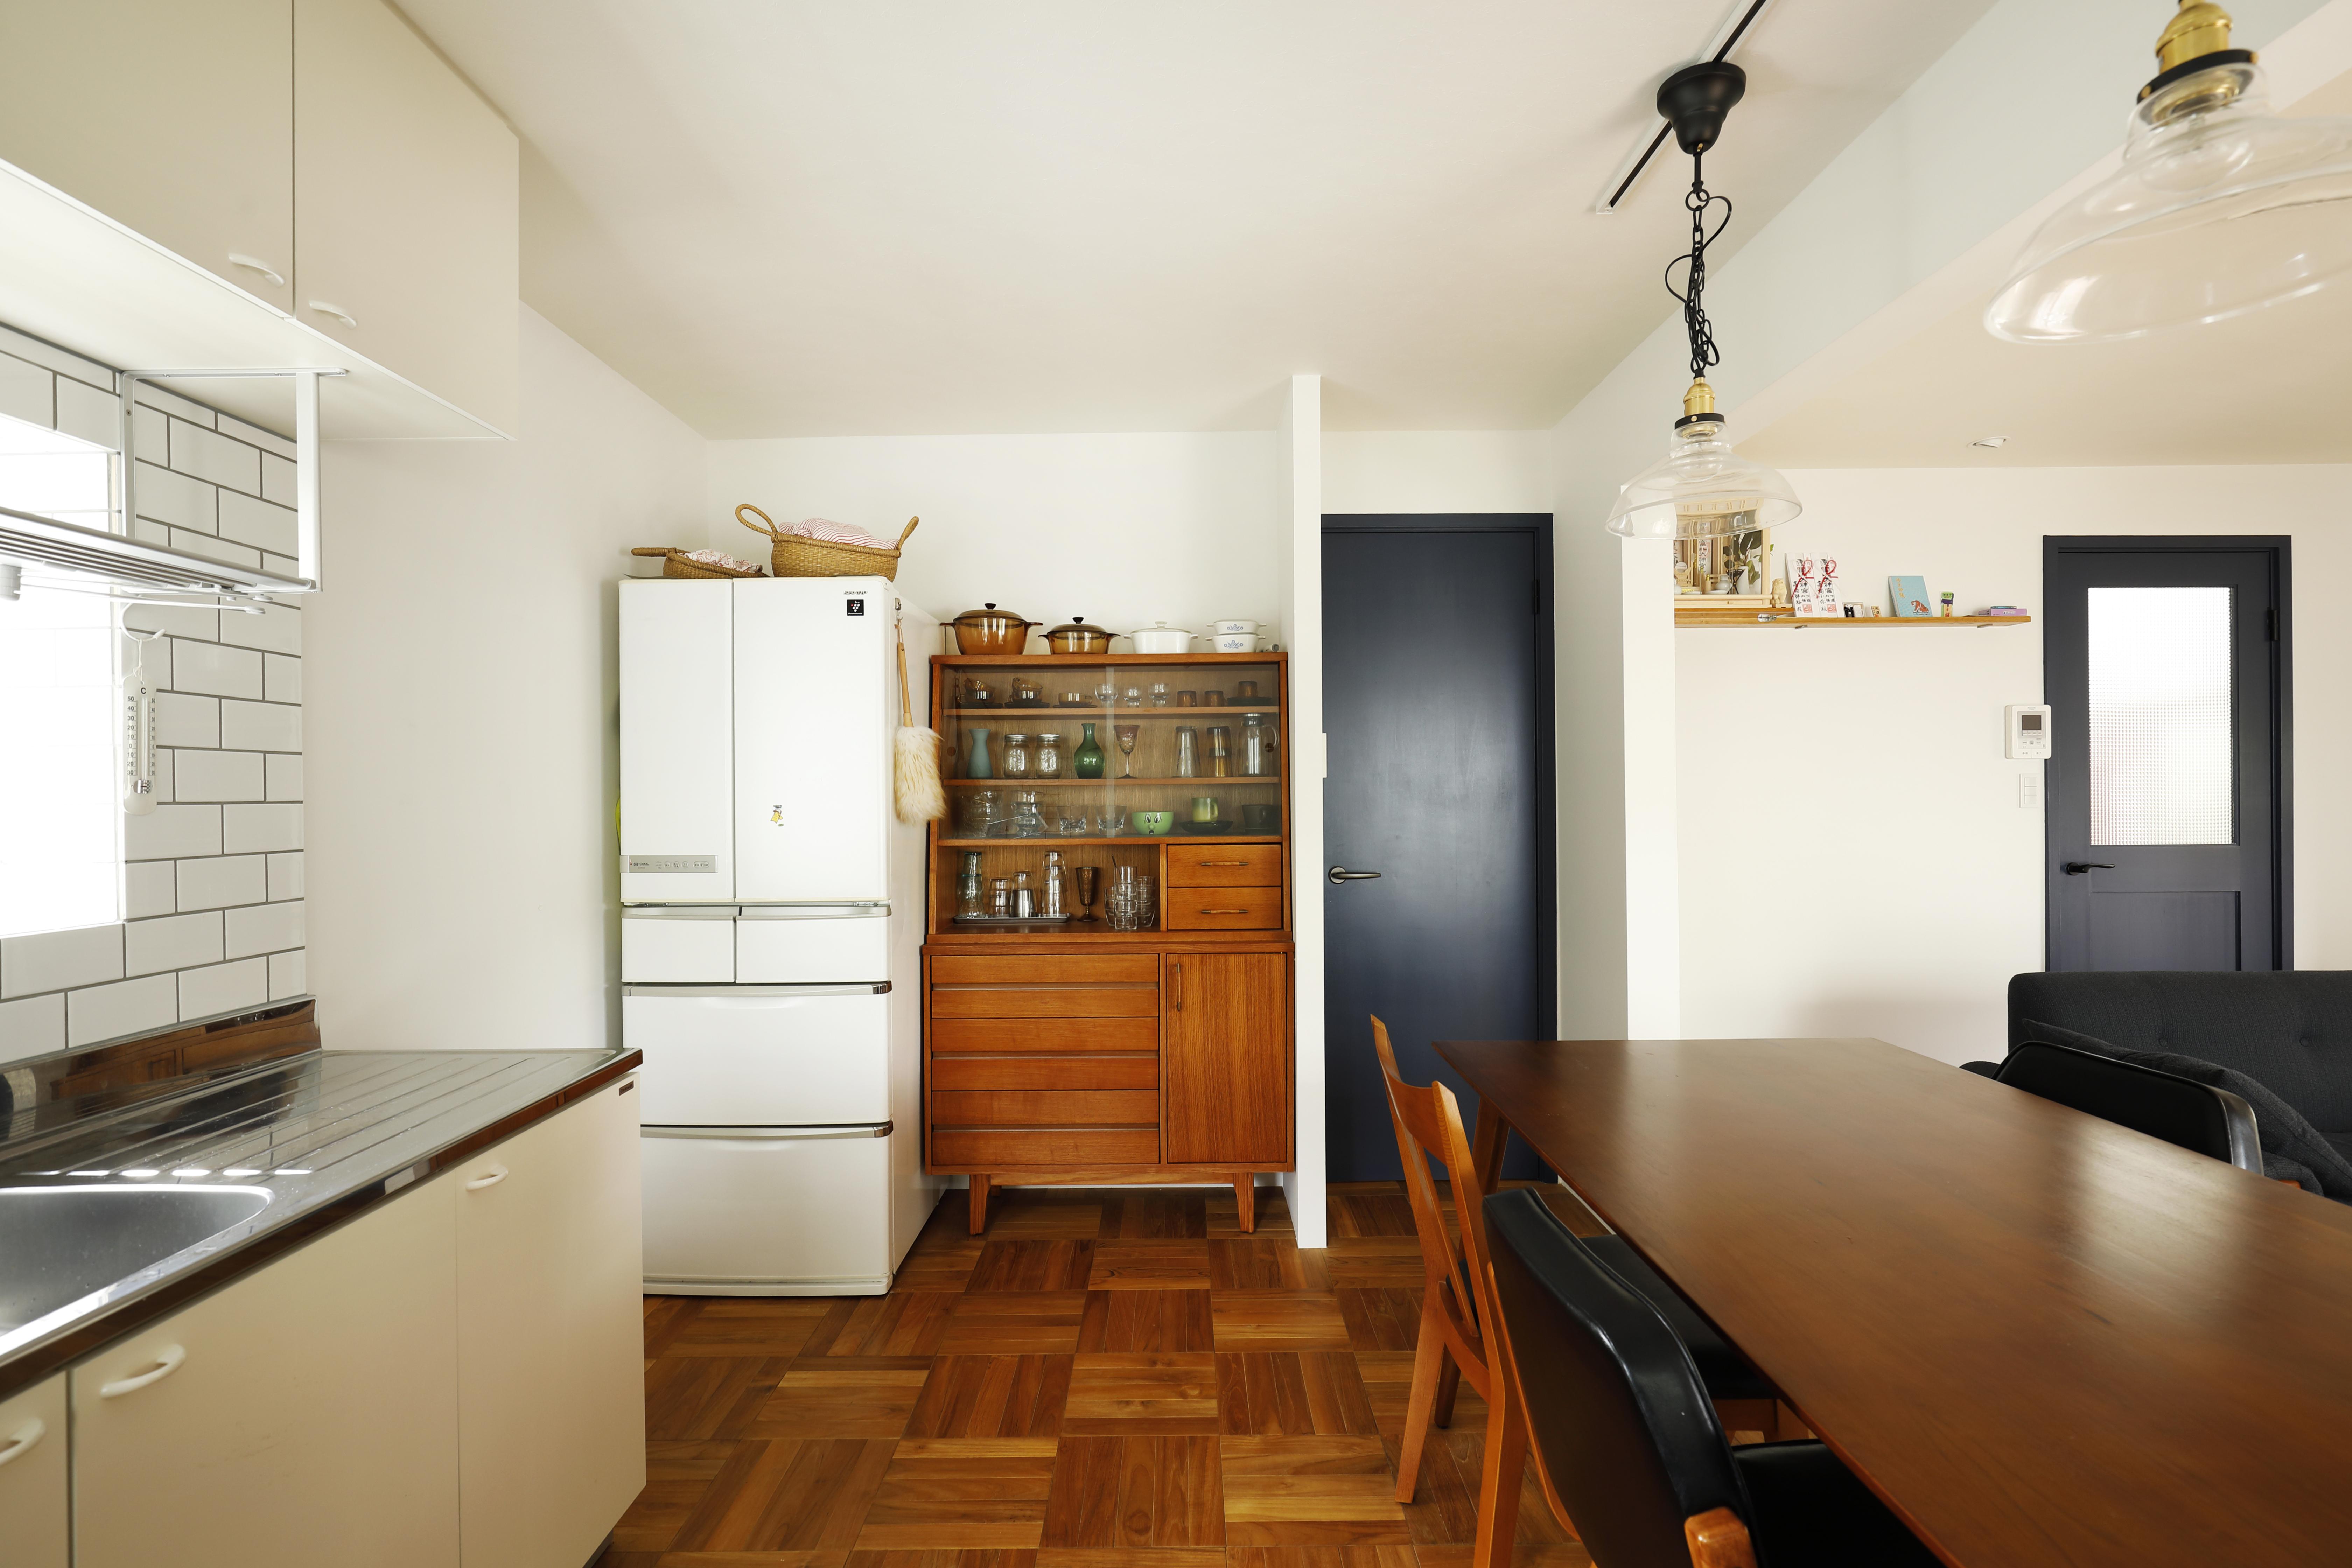 レトロ感溢れる食器棚